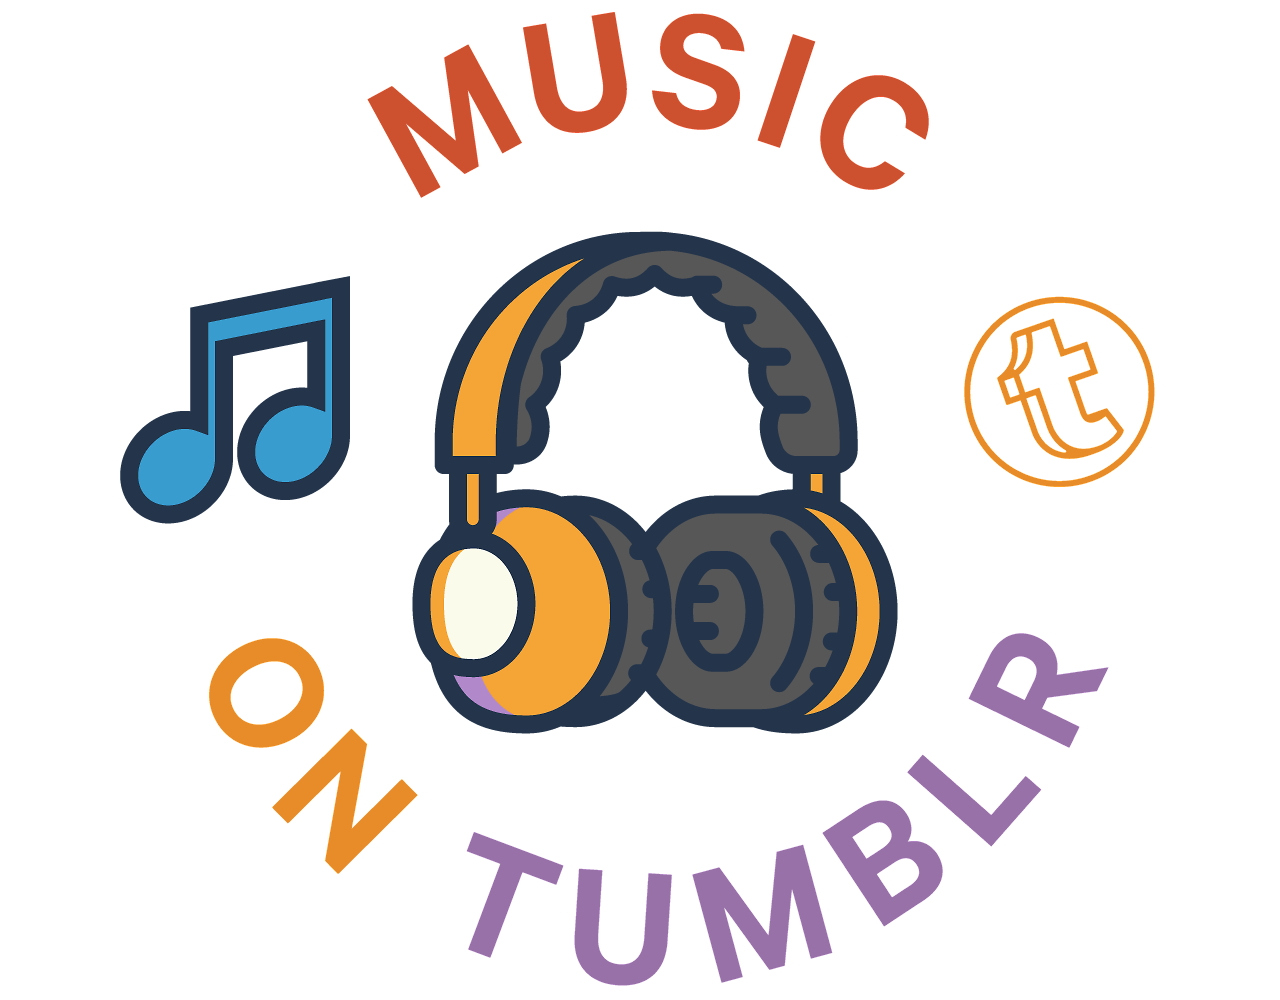 music on tumblr